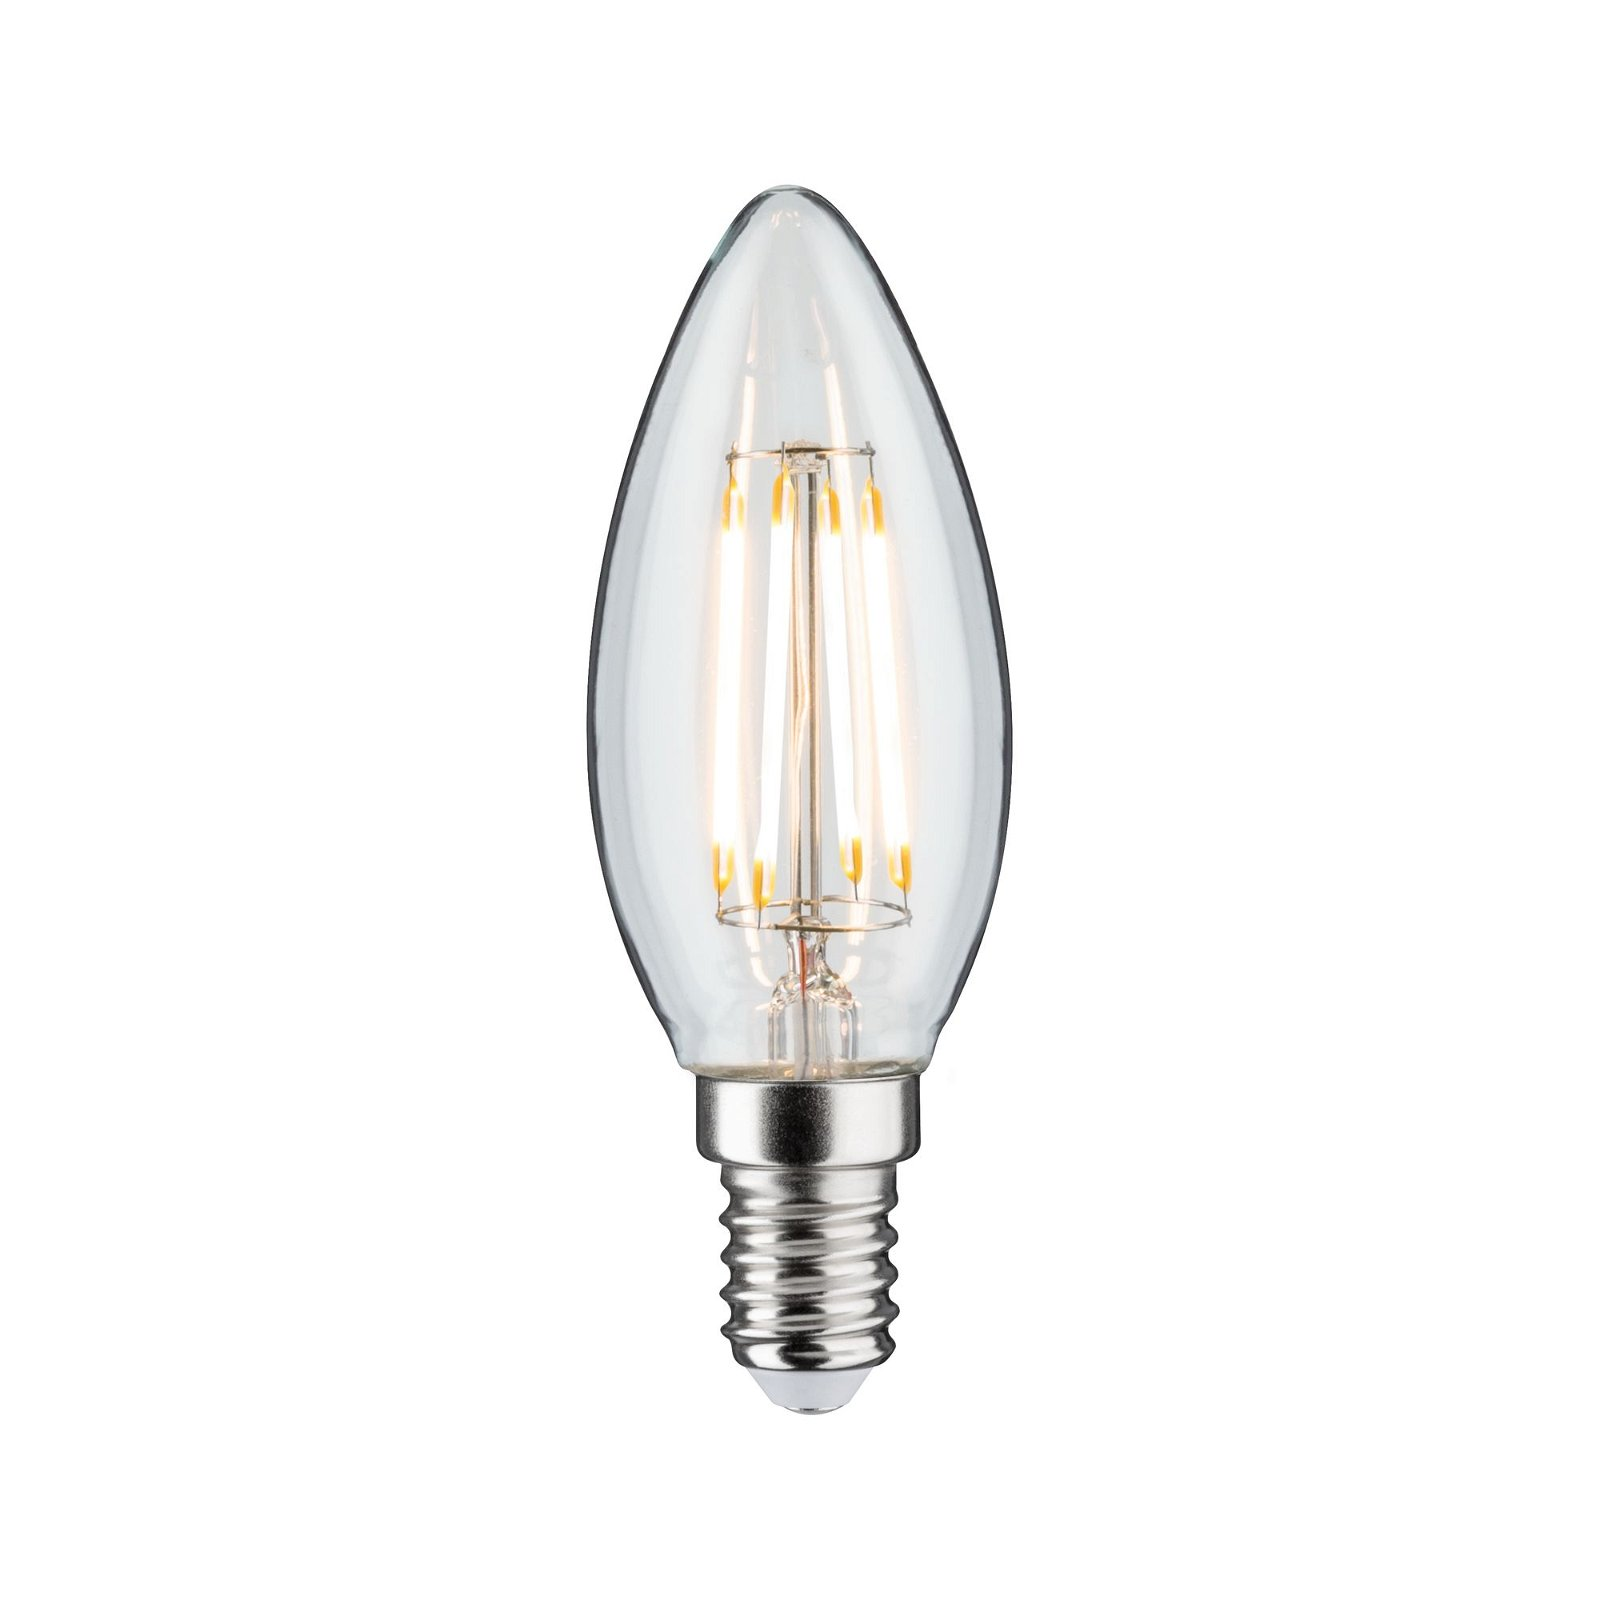 LED Kerze Filament E14 230V 470lm 4,8W 2700K Klar